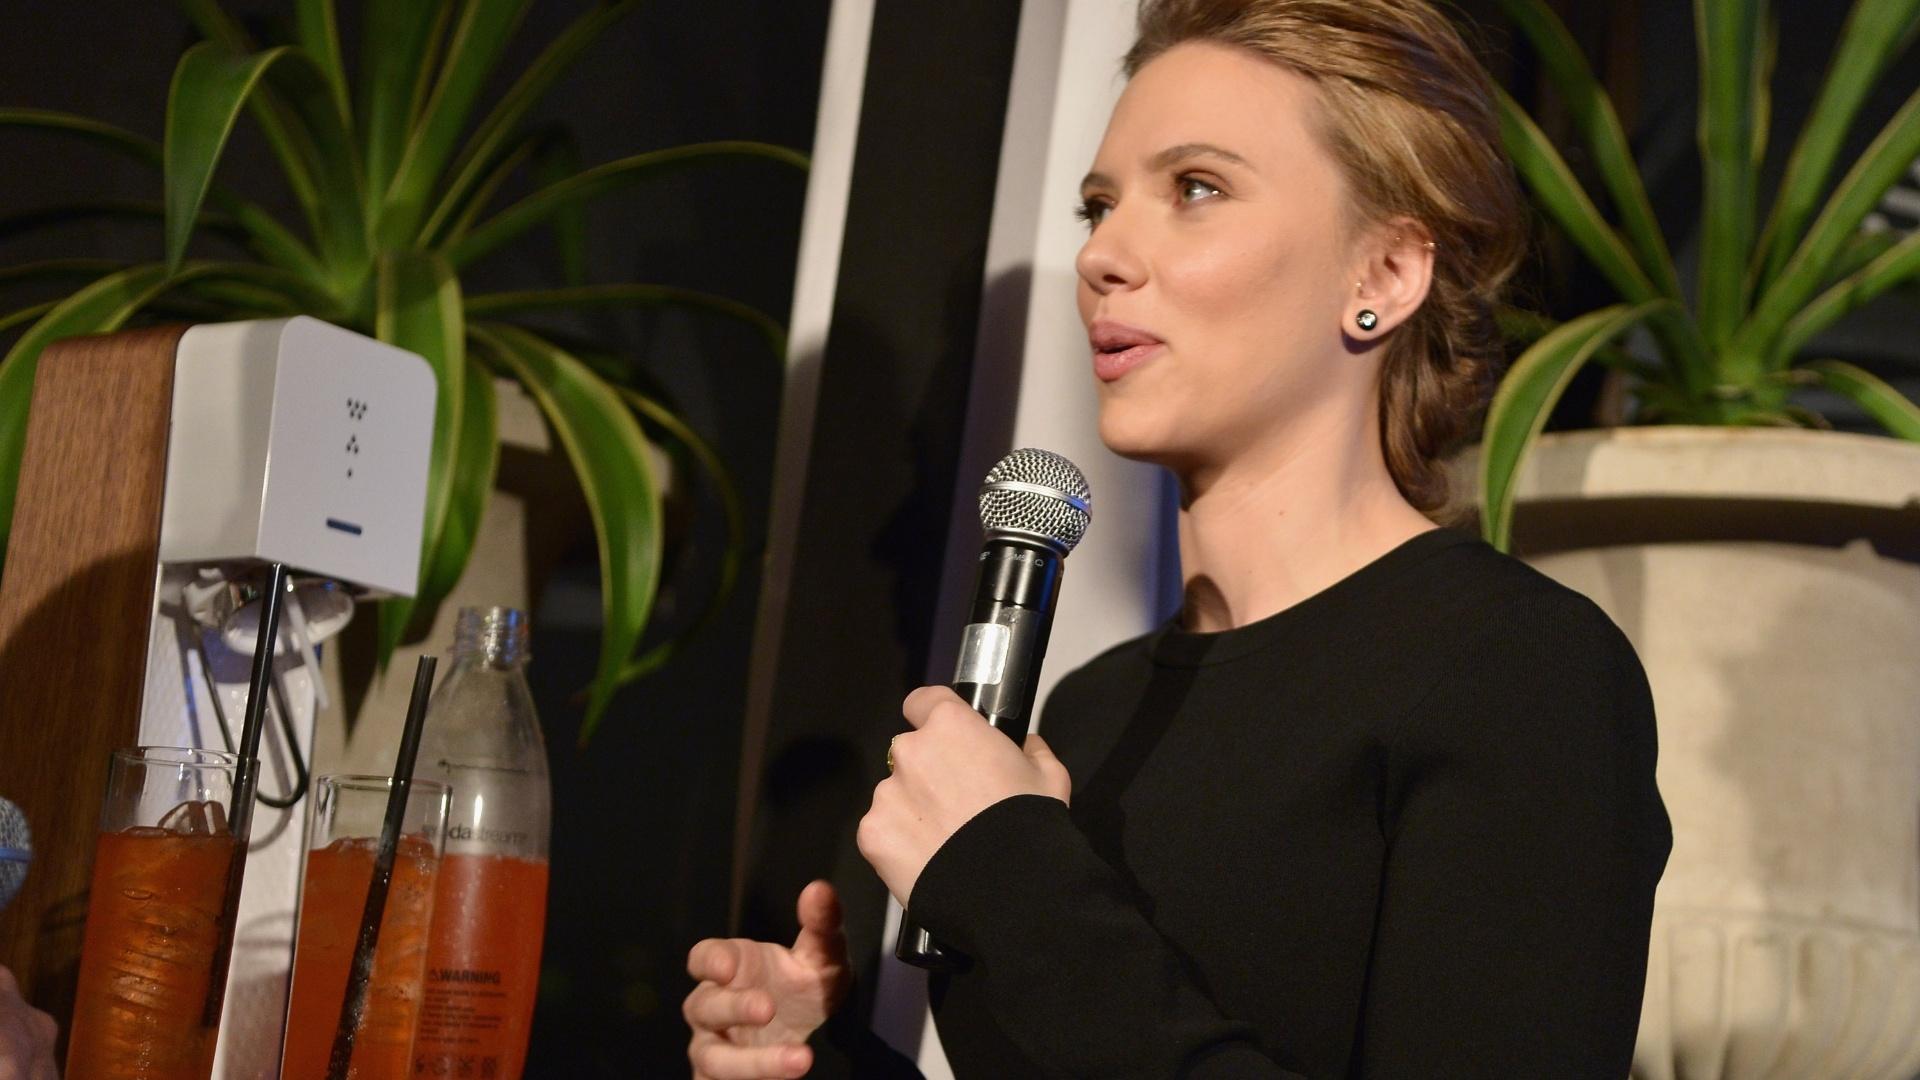 10.jan.2014 - Scarlett Johansson é apresentada como a embaixadora global da marca de refrigerantes SodaStream